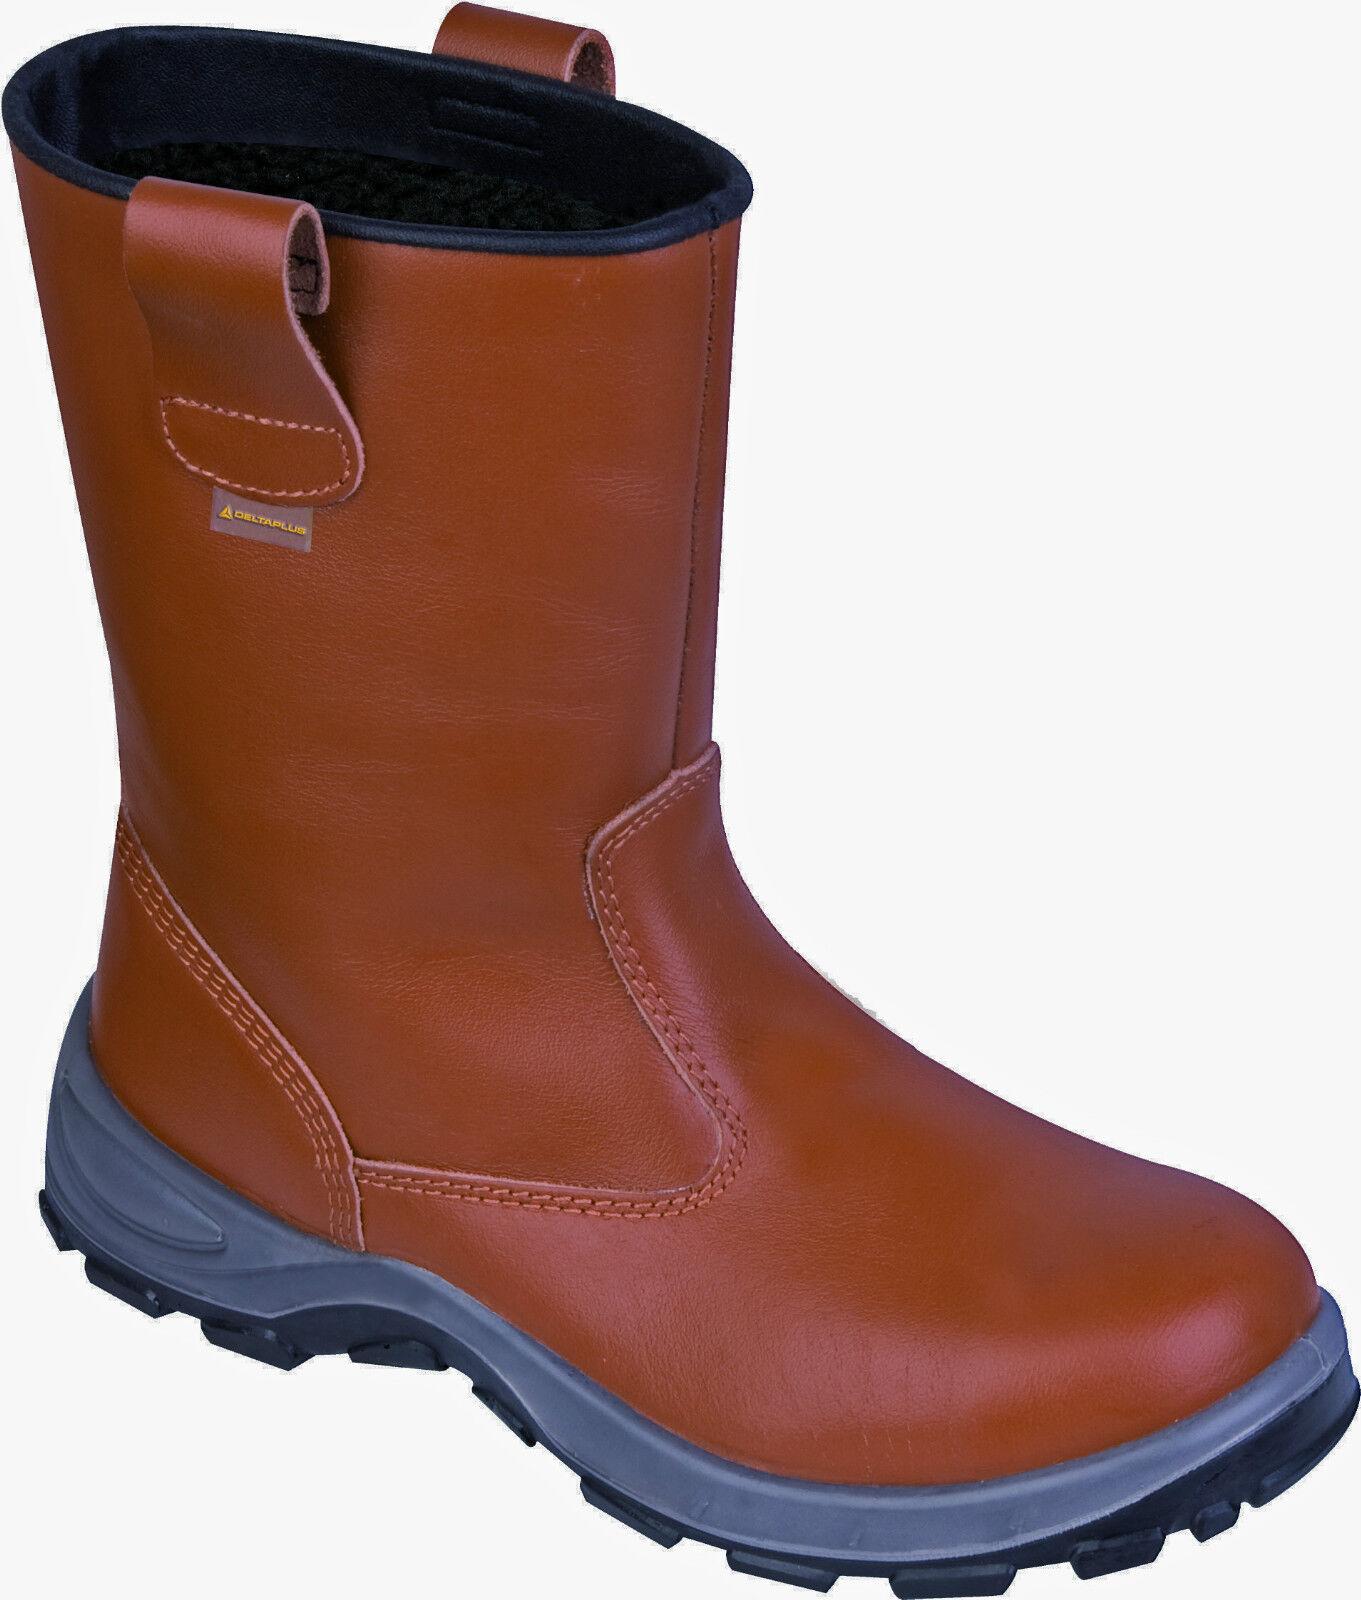 DELTA PLUS PLUS PLUS PANOPLY BEAR III S3 FREDDO lavoro TAN IMPERMEABILE Rigger Stivali di sicurezza b09012